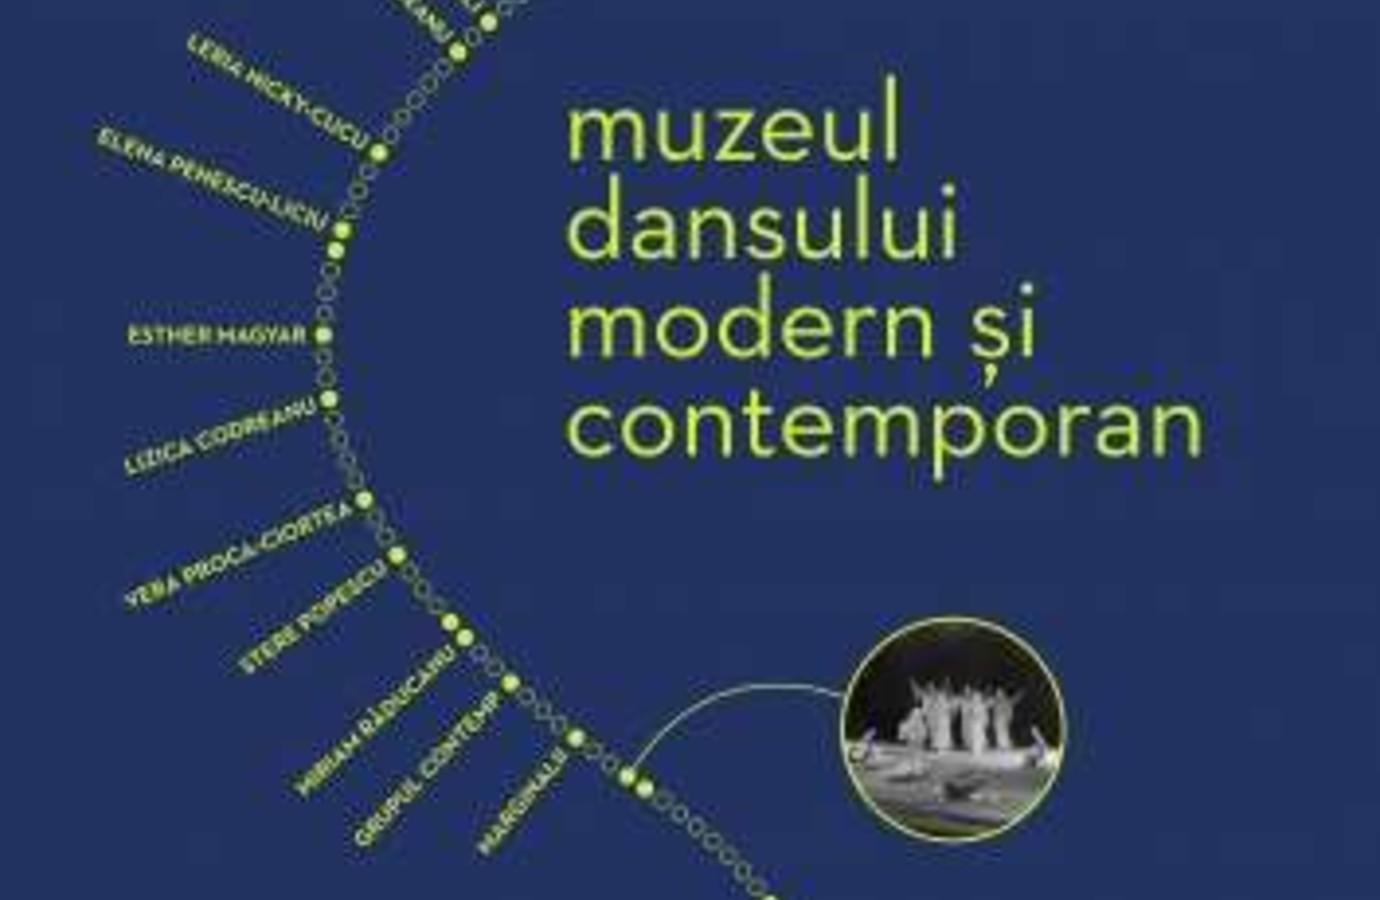 Muzeul dansului modern și contemporan